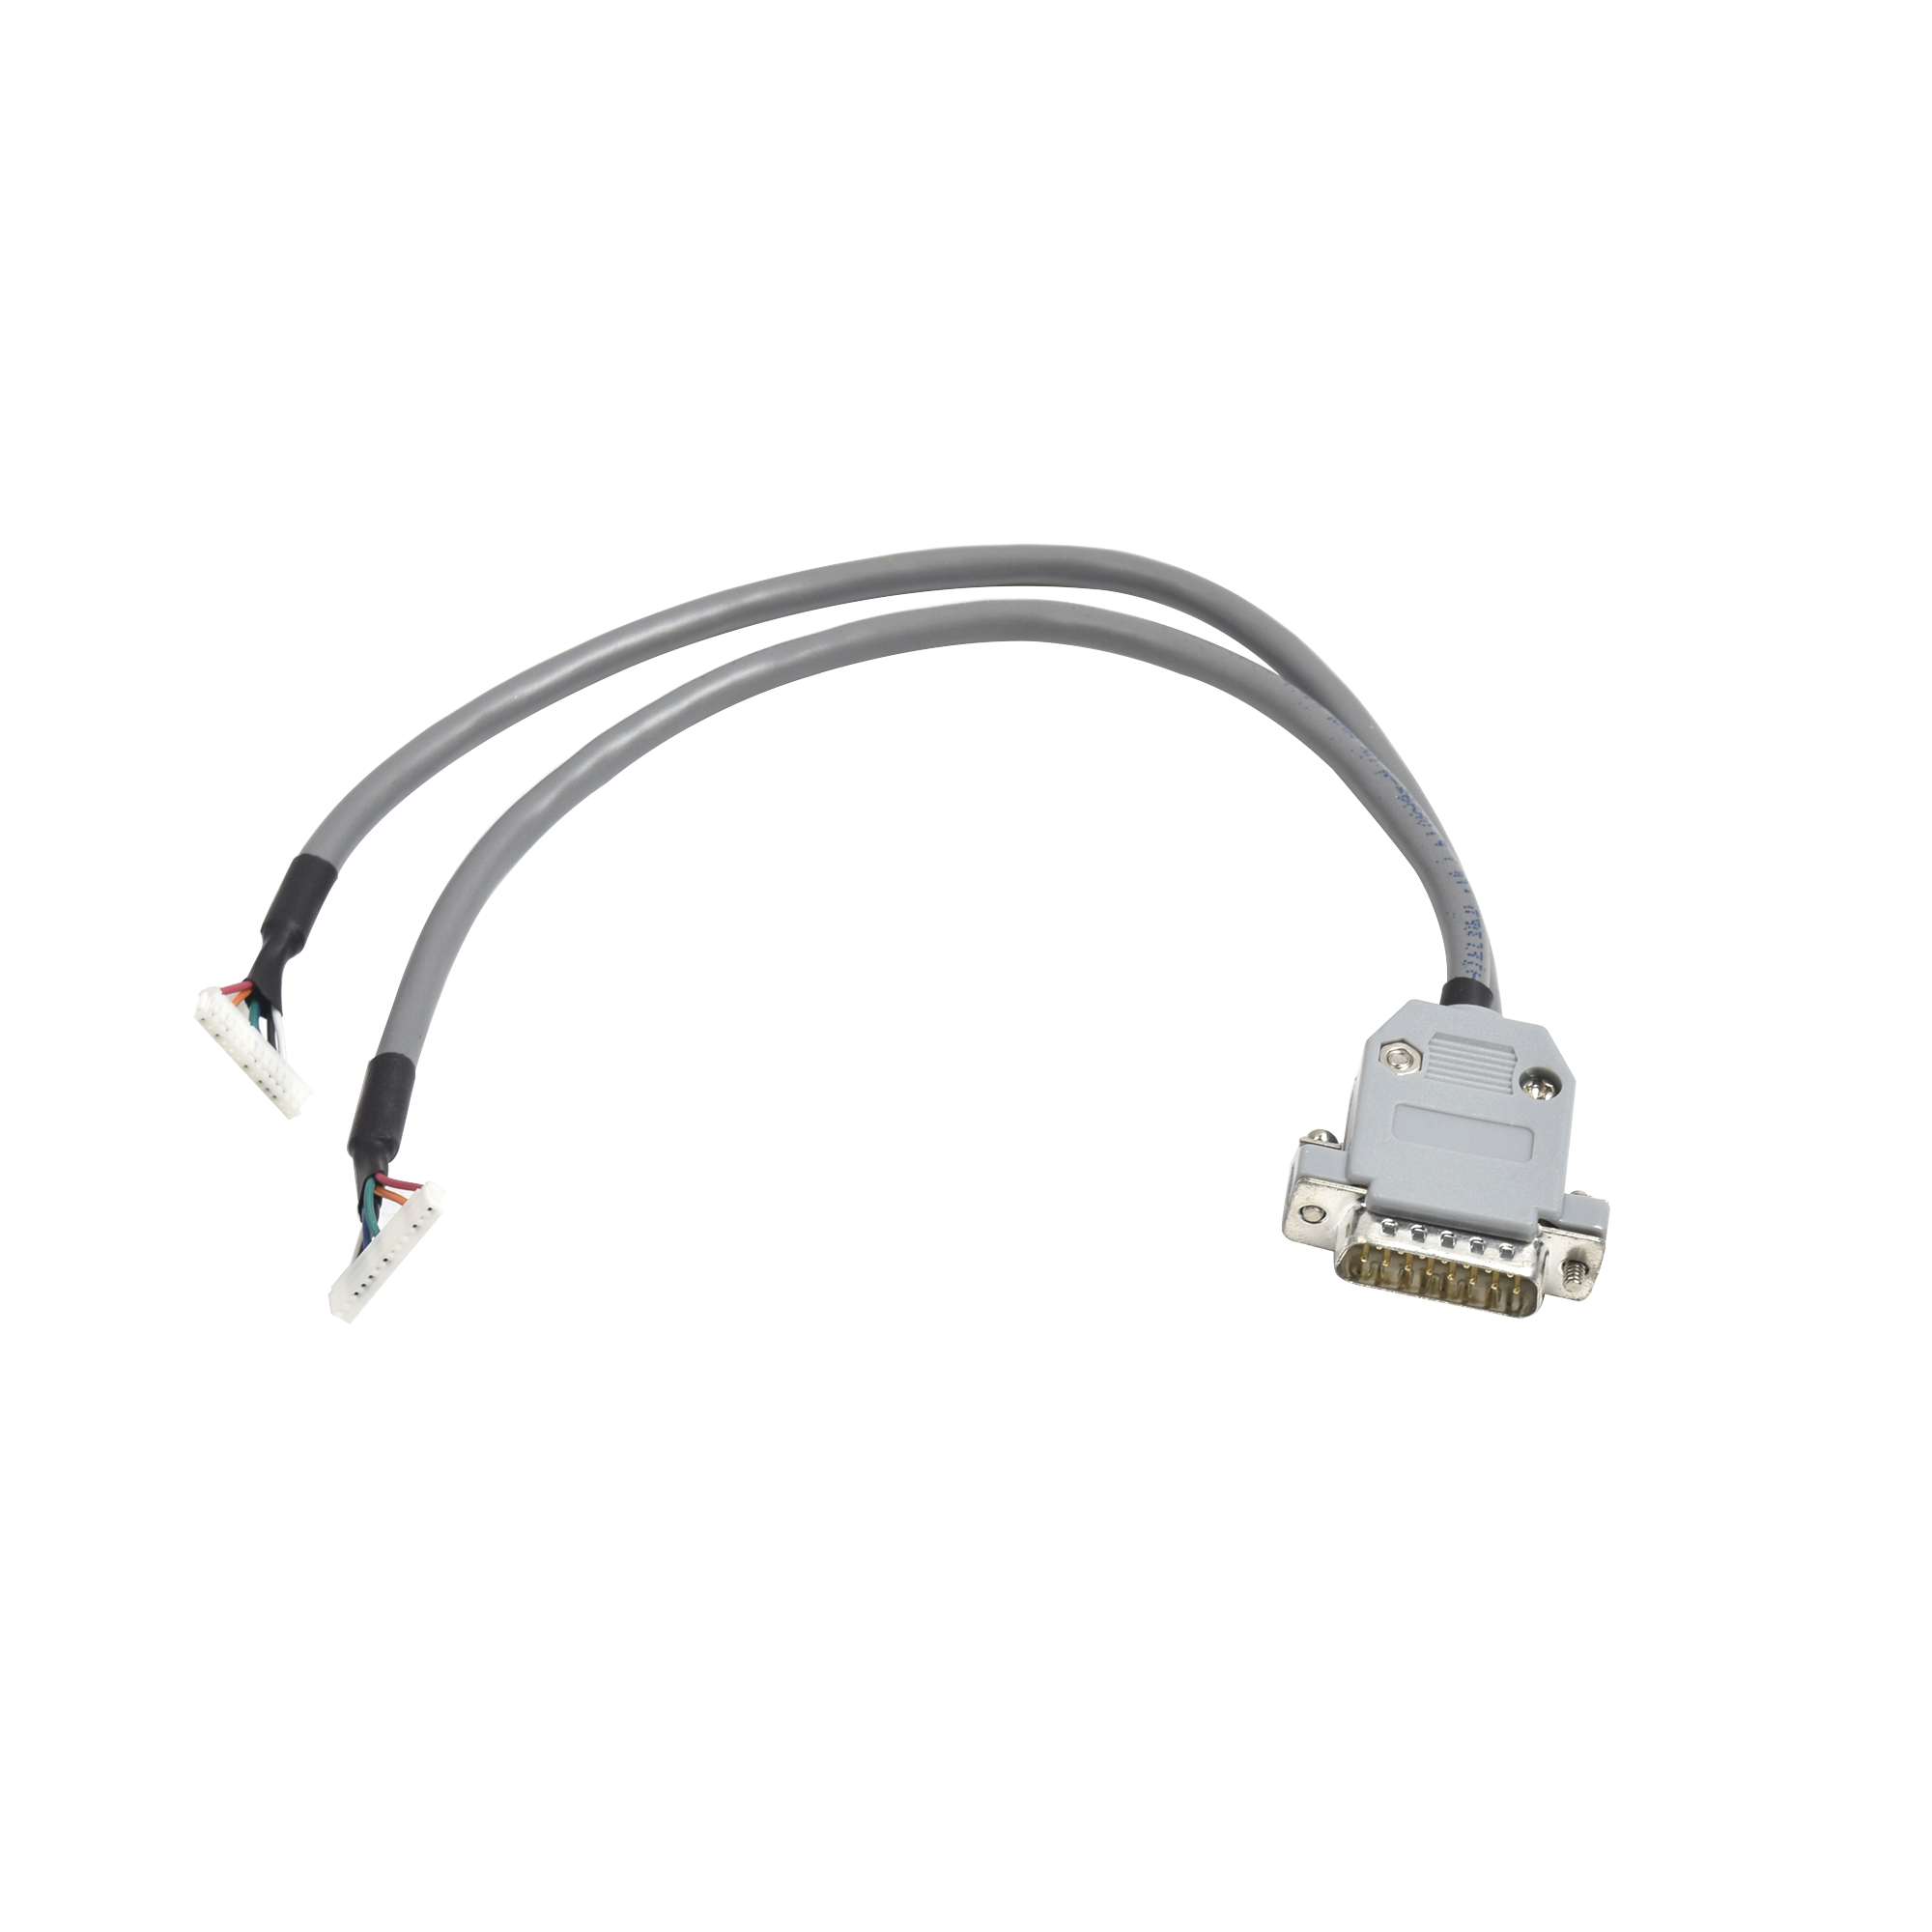 arnes de interfaz para conectar radios IC-F5013/6013 y F5021/6021 a la ITS10U